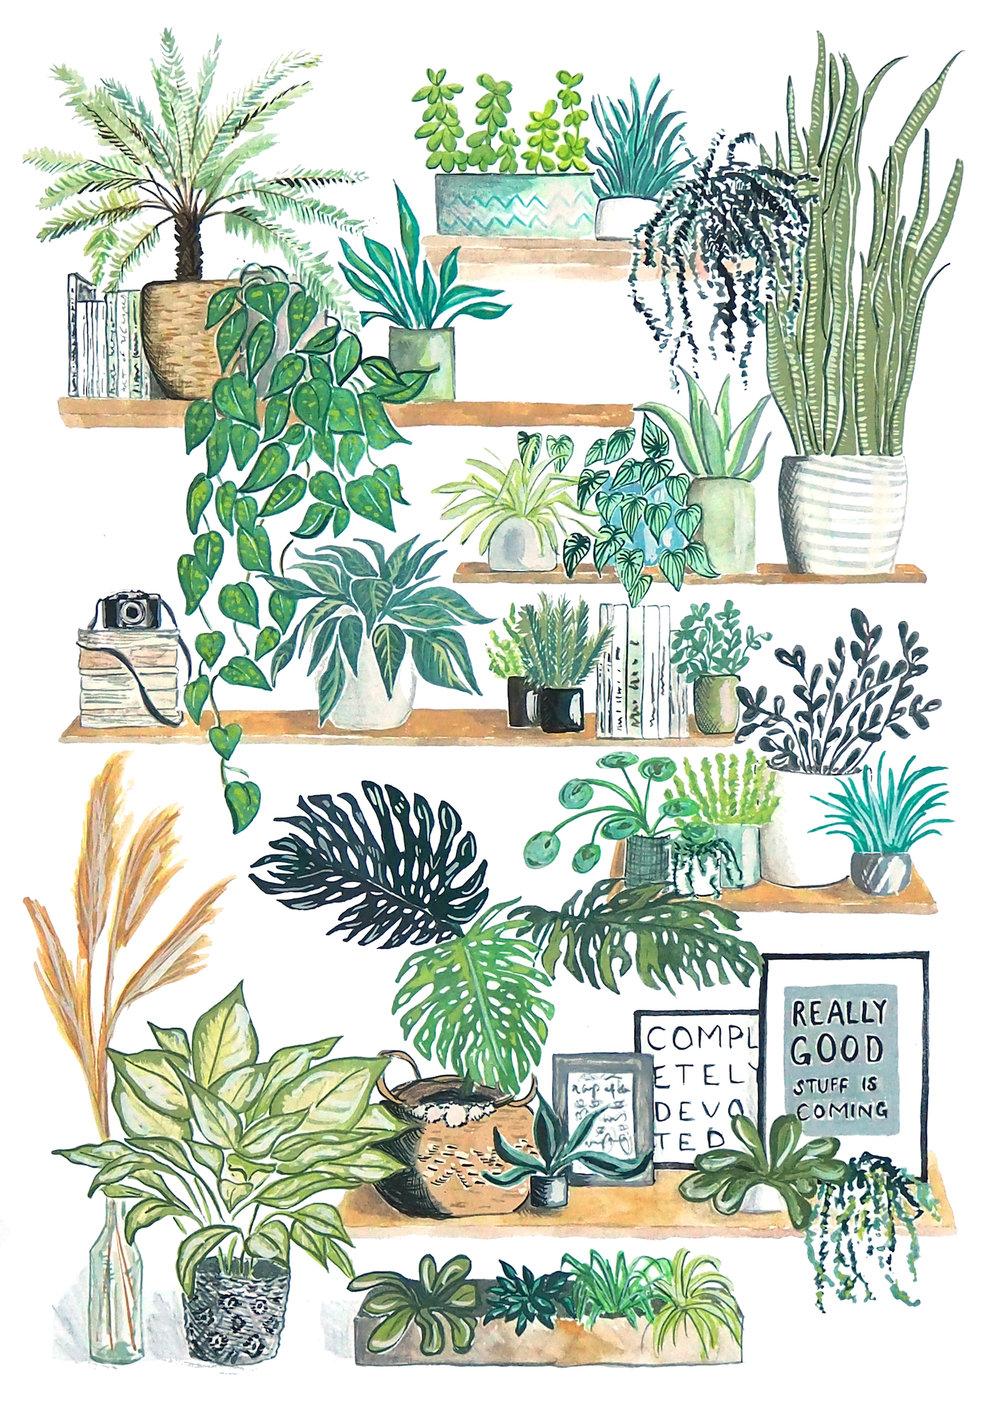 Houseplant shelves 2000.jpg